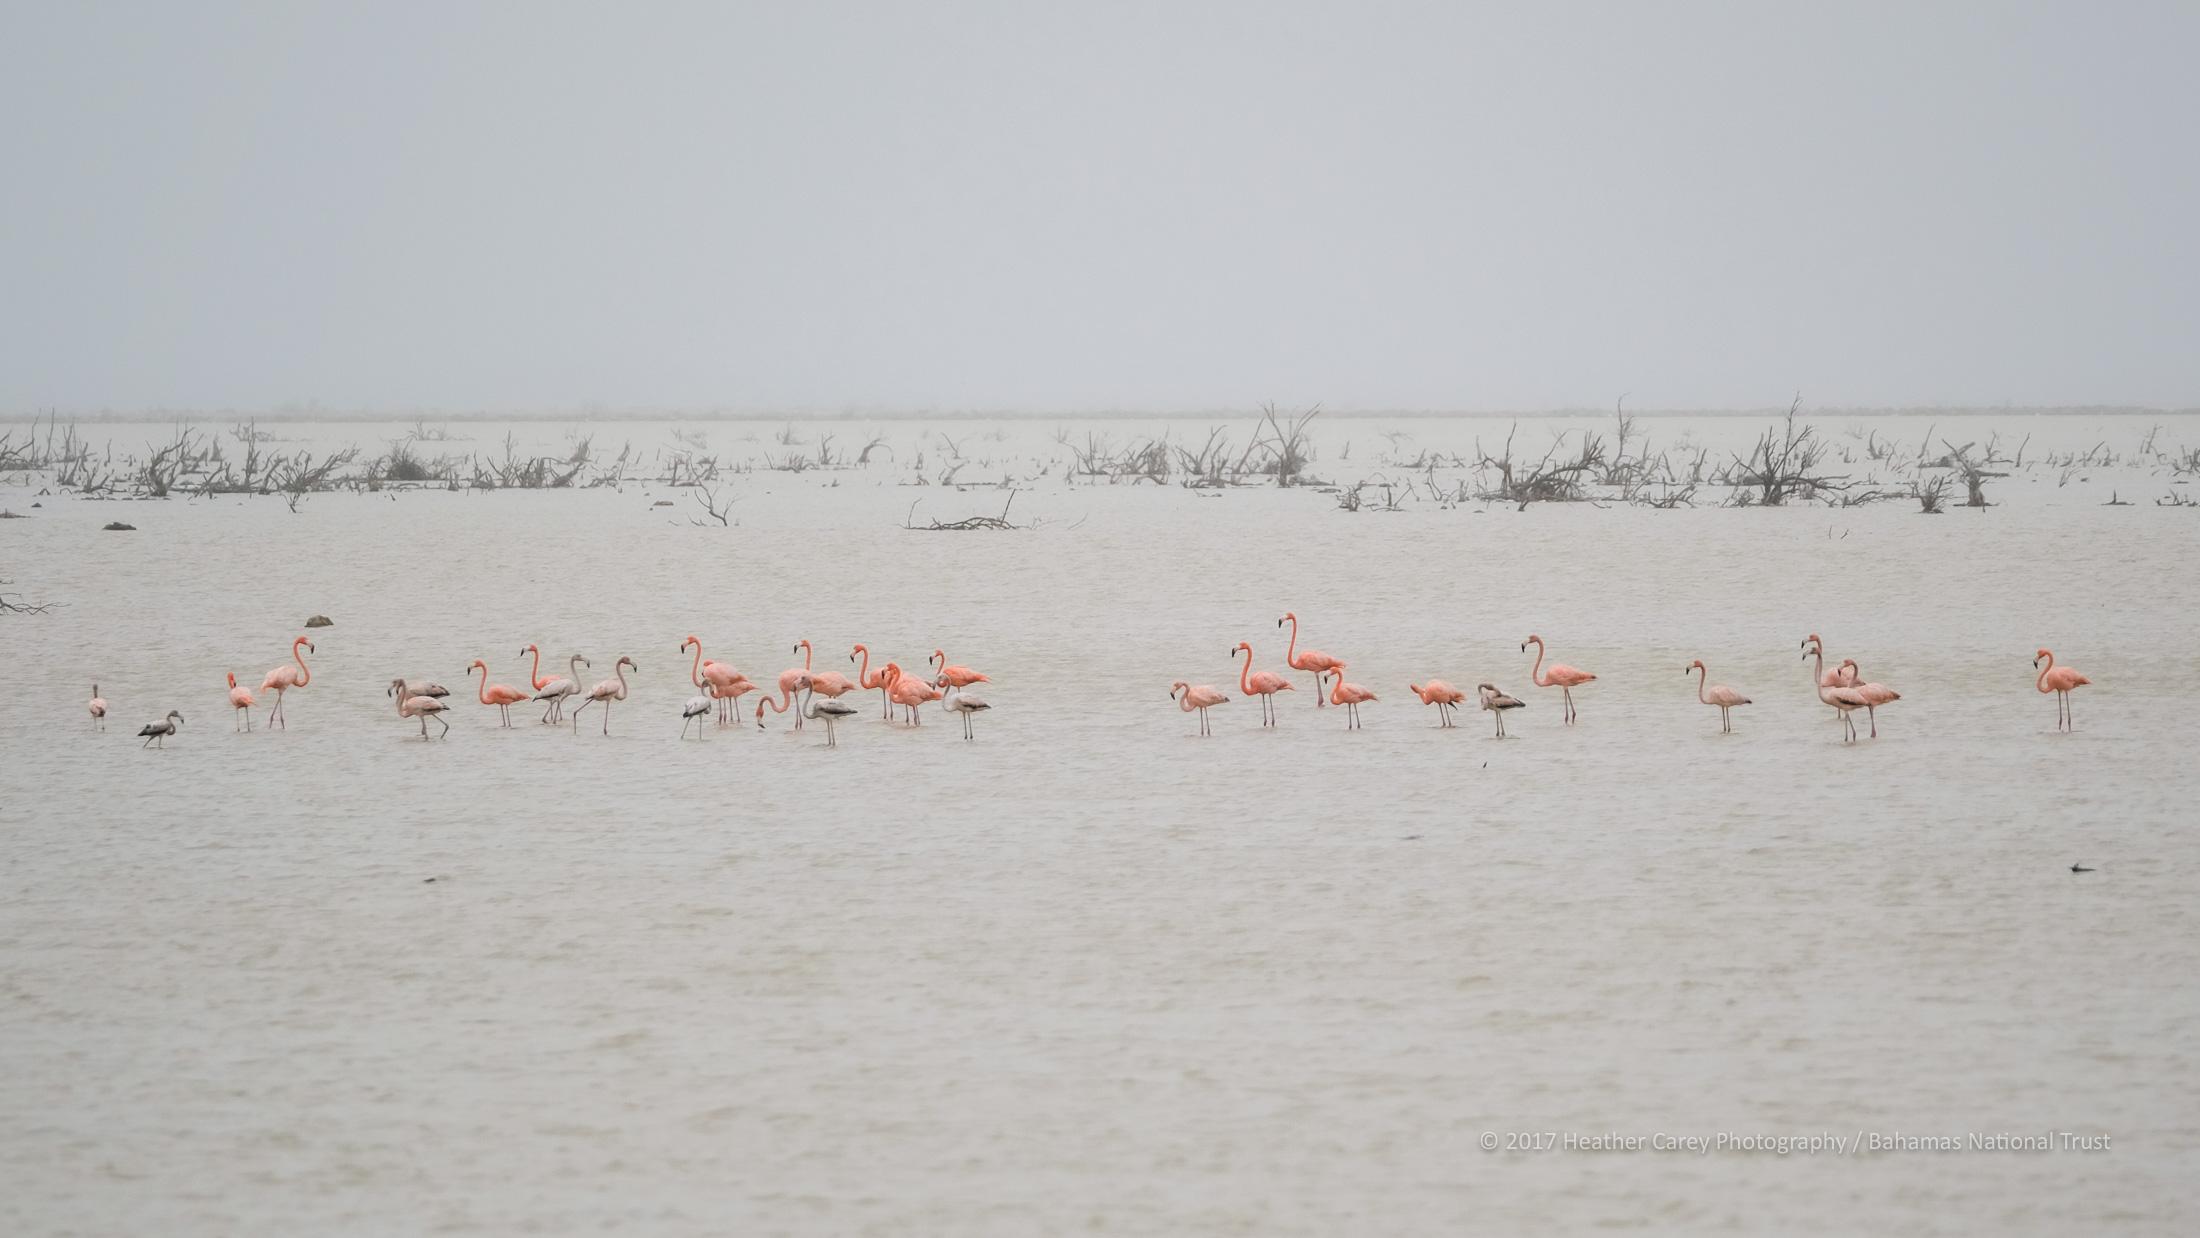 Inagua national park bahamas flamingos